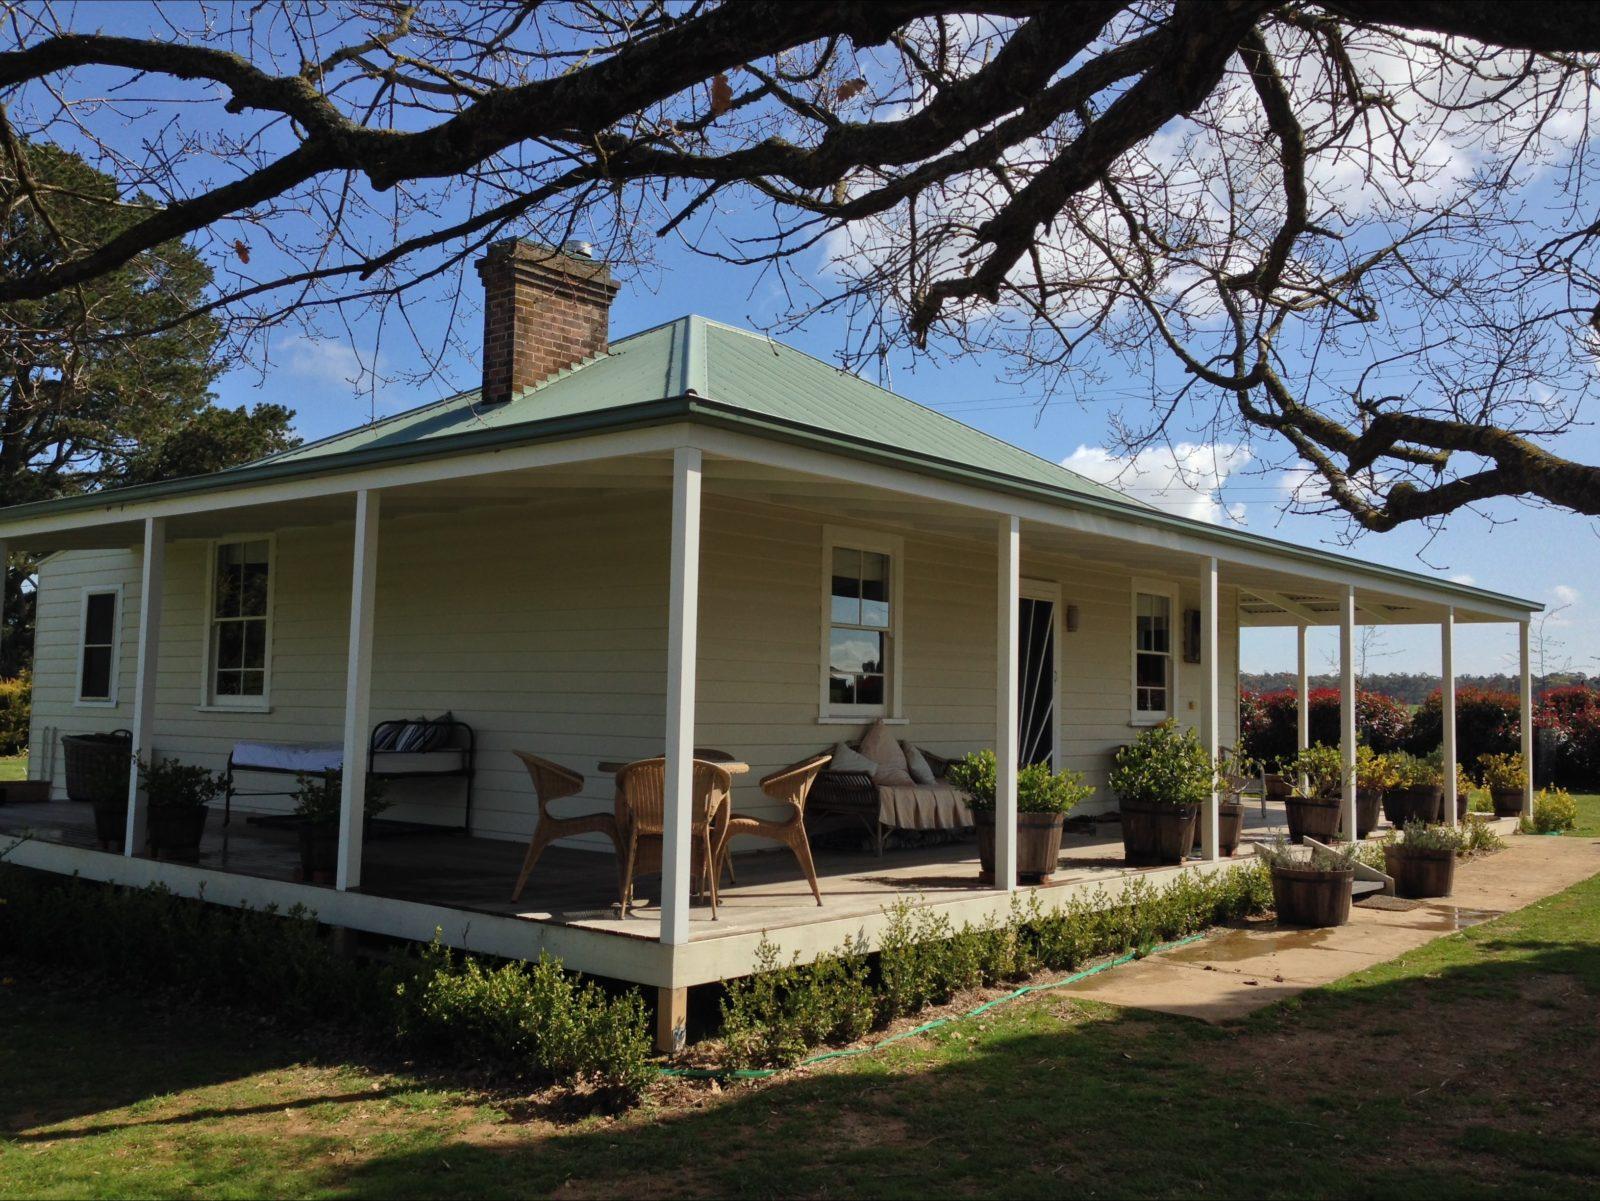 Farmhouse frontage